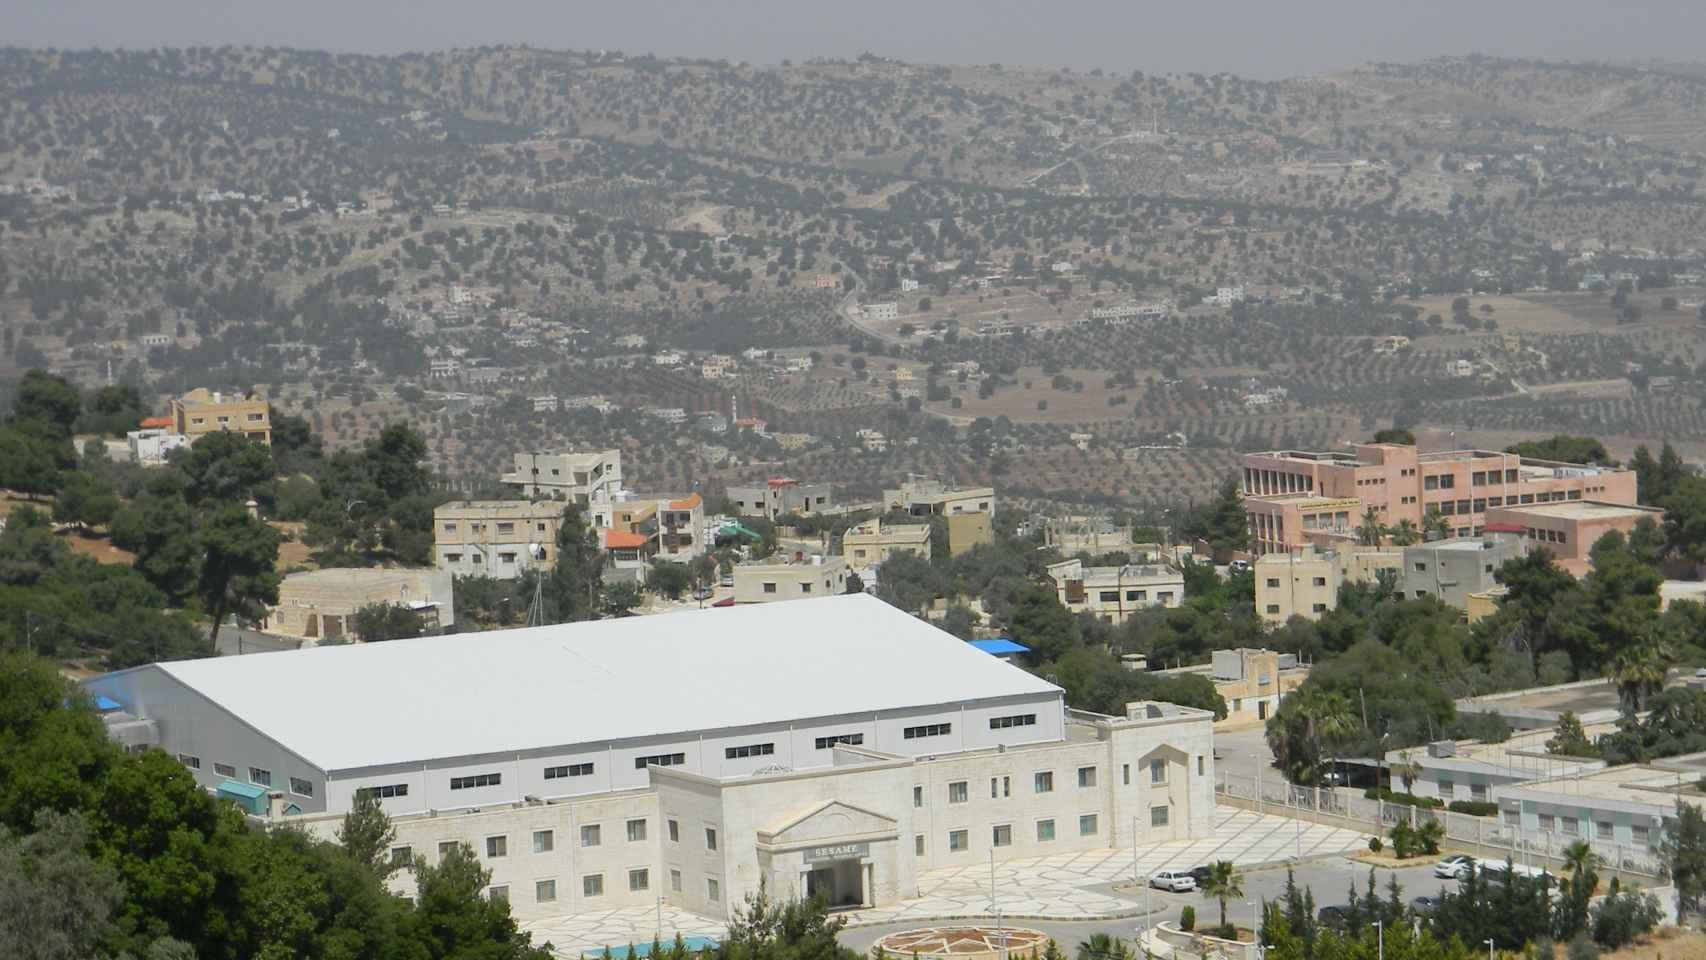 SESAME se ubica en la localidad de Allan, 35 kilómetros al noroeste de Ammán, la capital de Jordania.